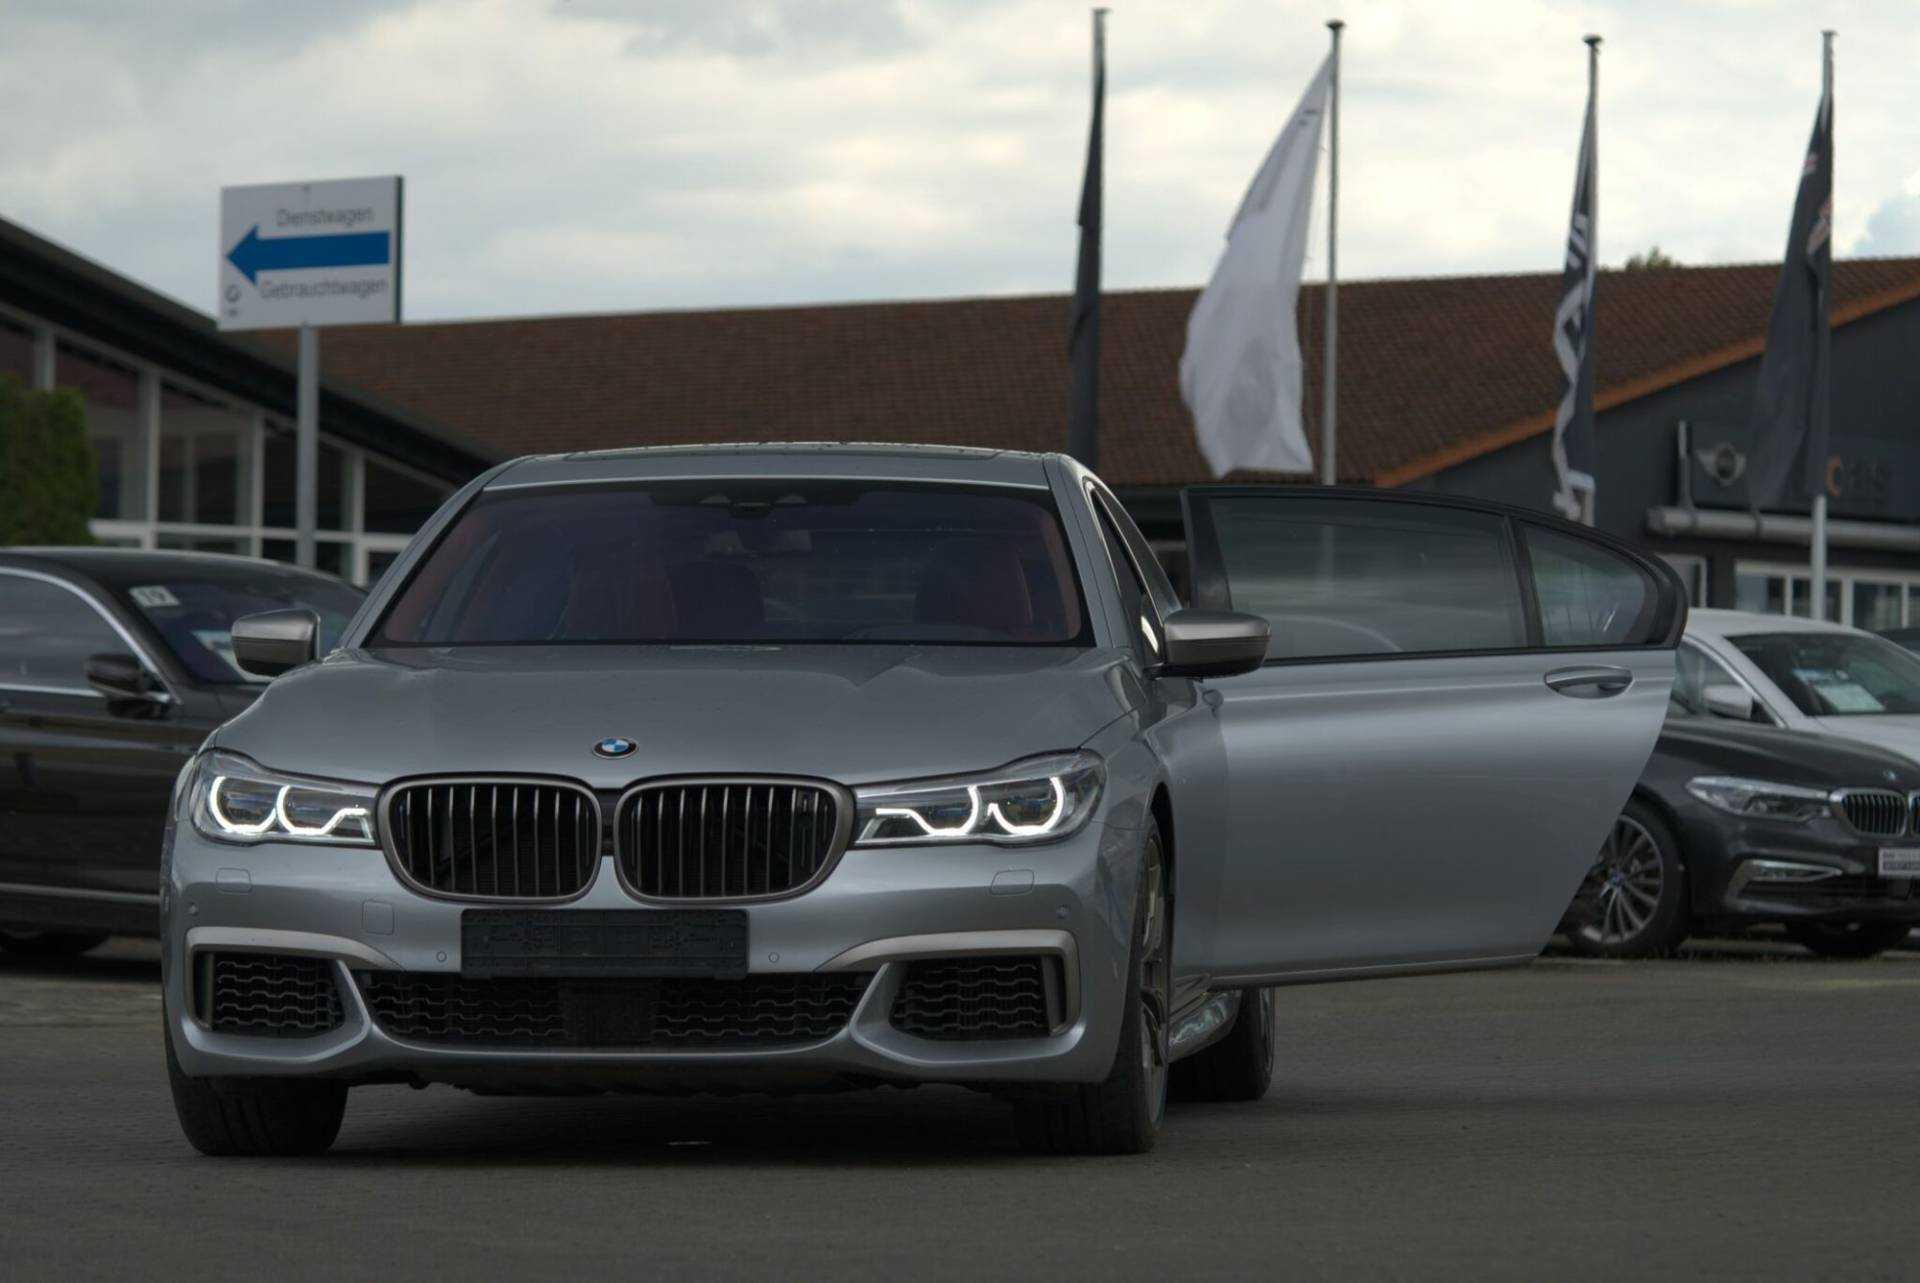 Авто из Германии в Румынию: как найти и поставить на учет?